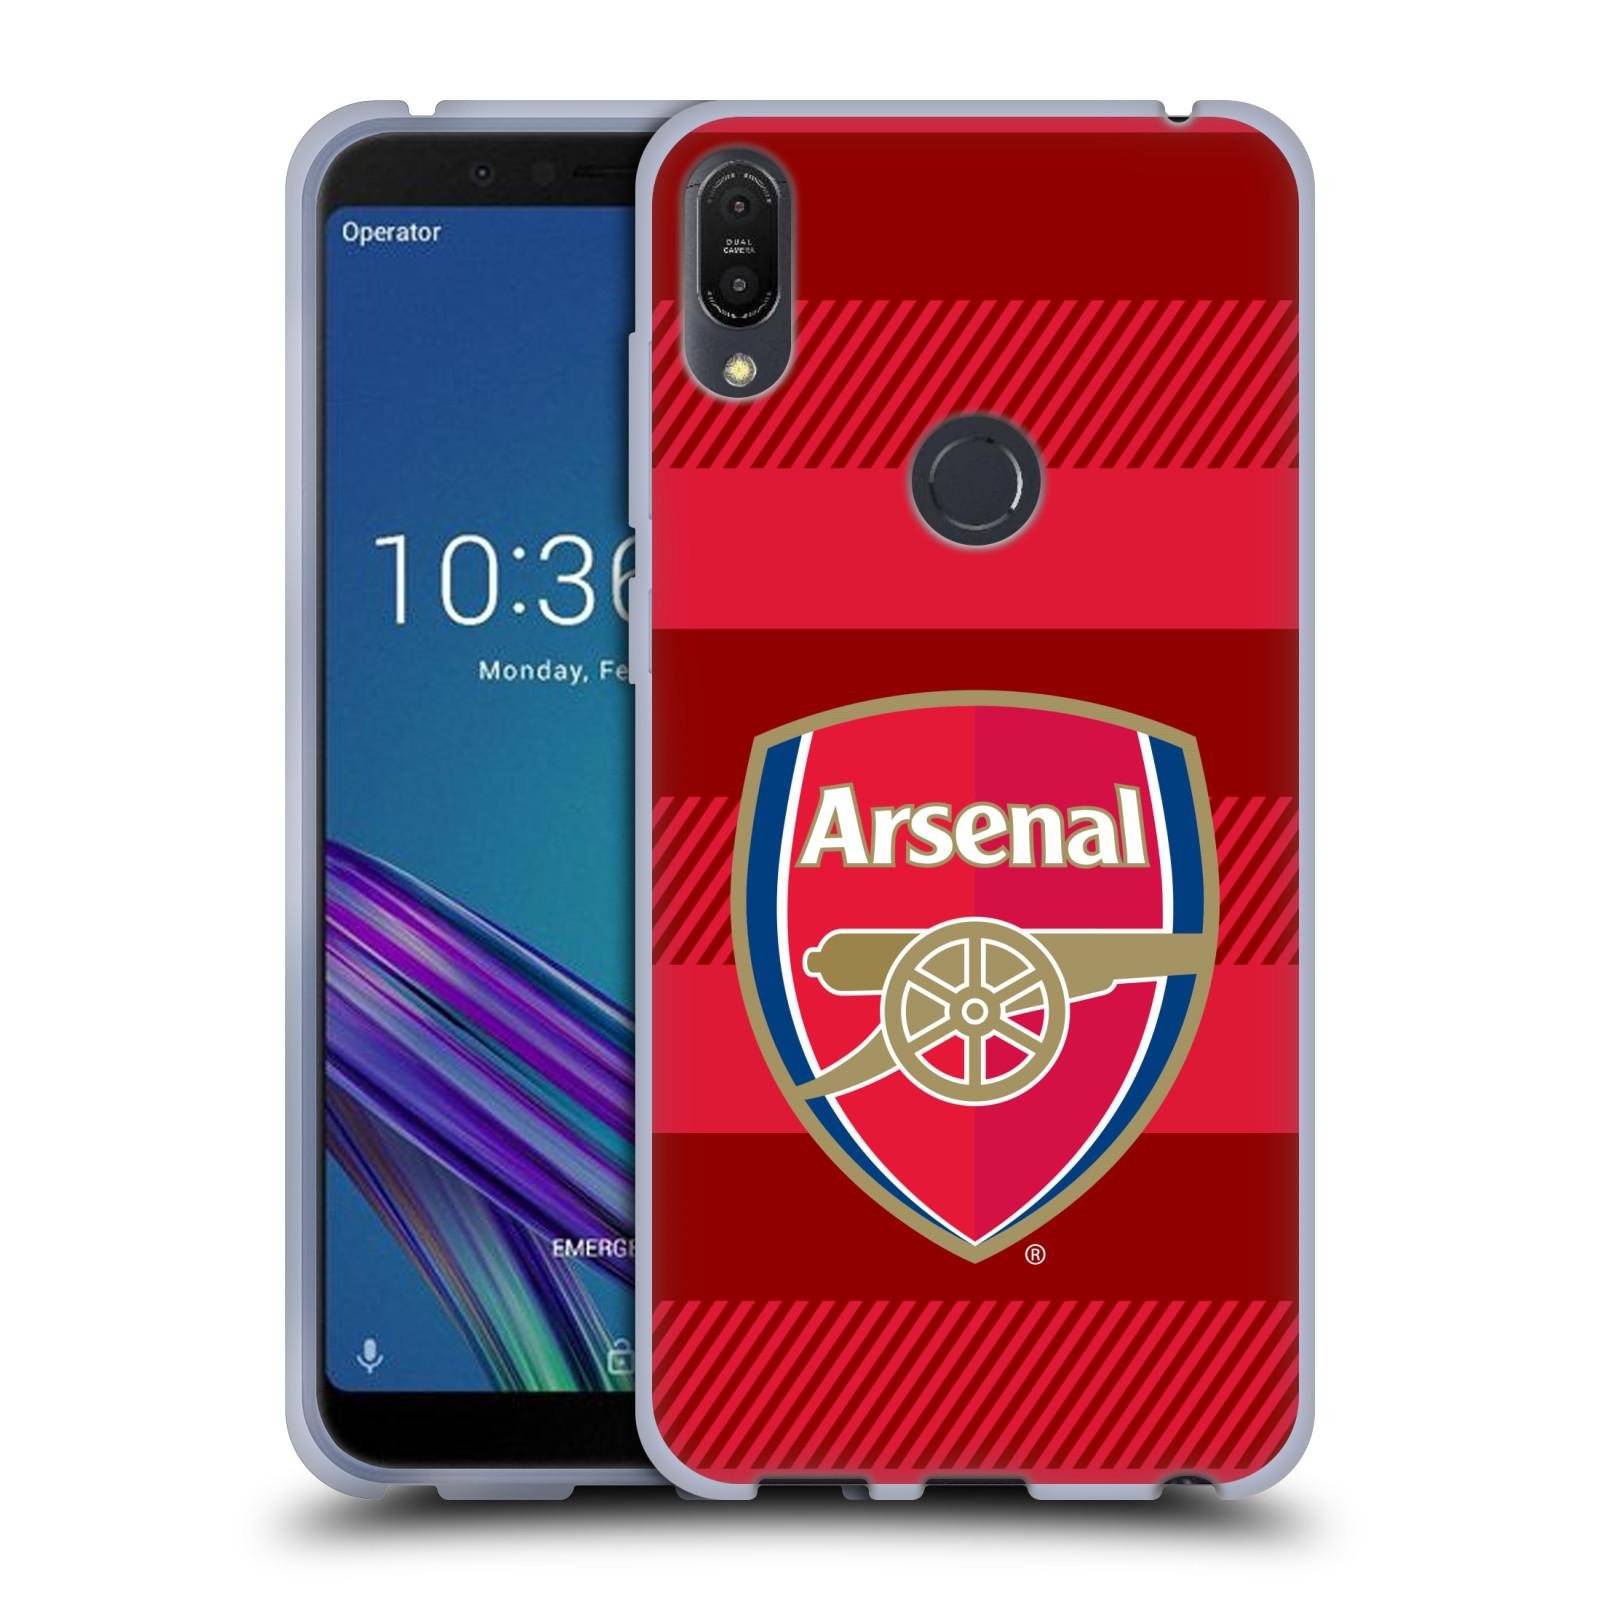 Silikonové pouzdro na mobil Asus ZenFone Max Pro (M1) - Head Case - Arsenal FC - Logo s pruhy